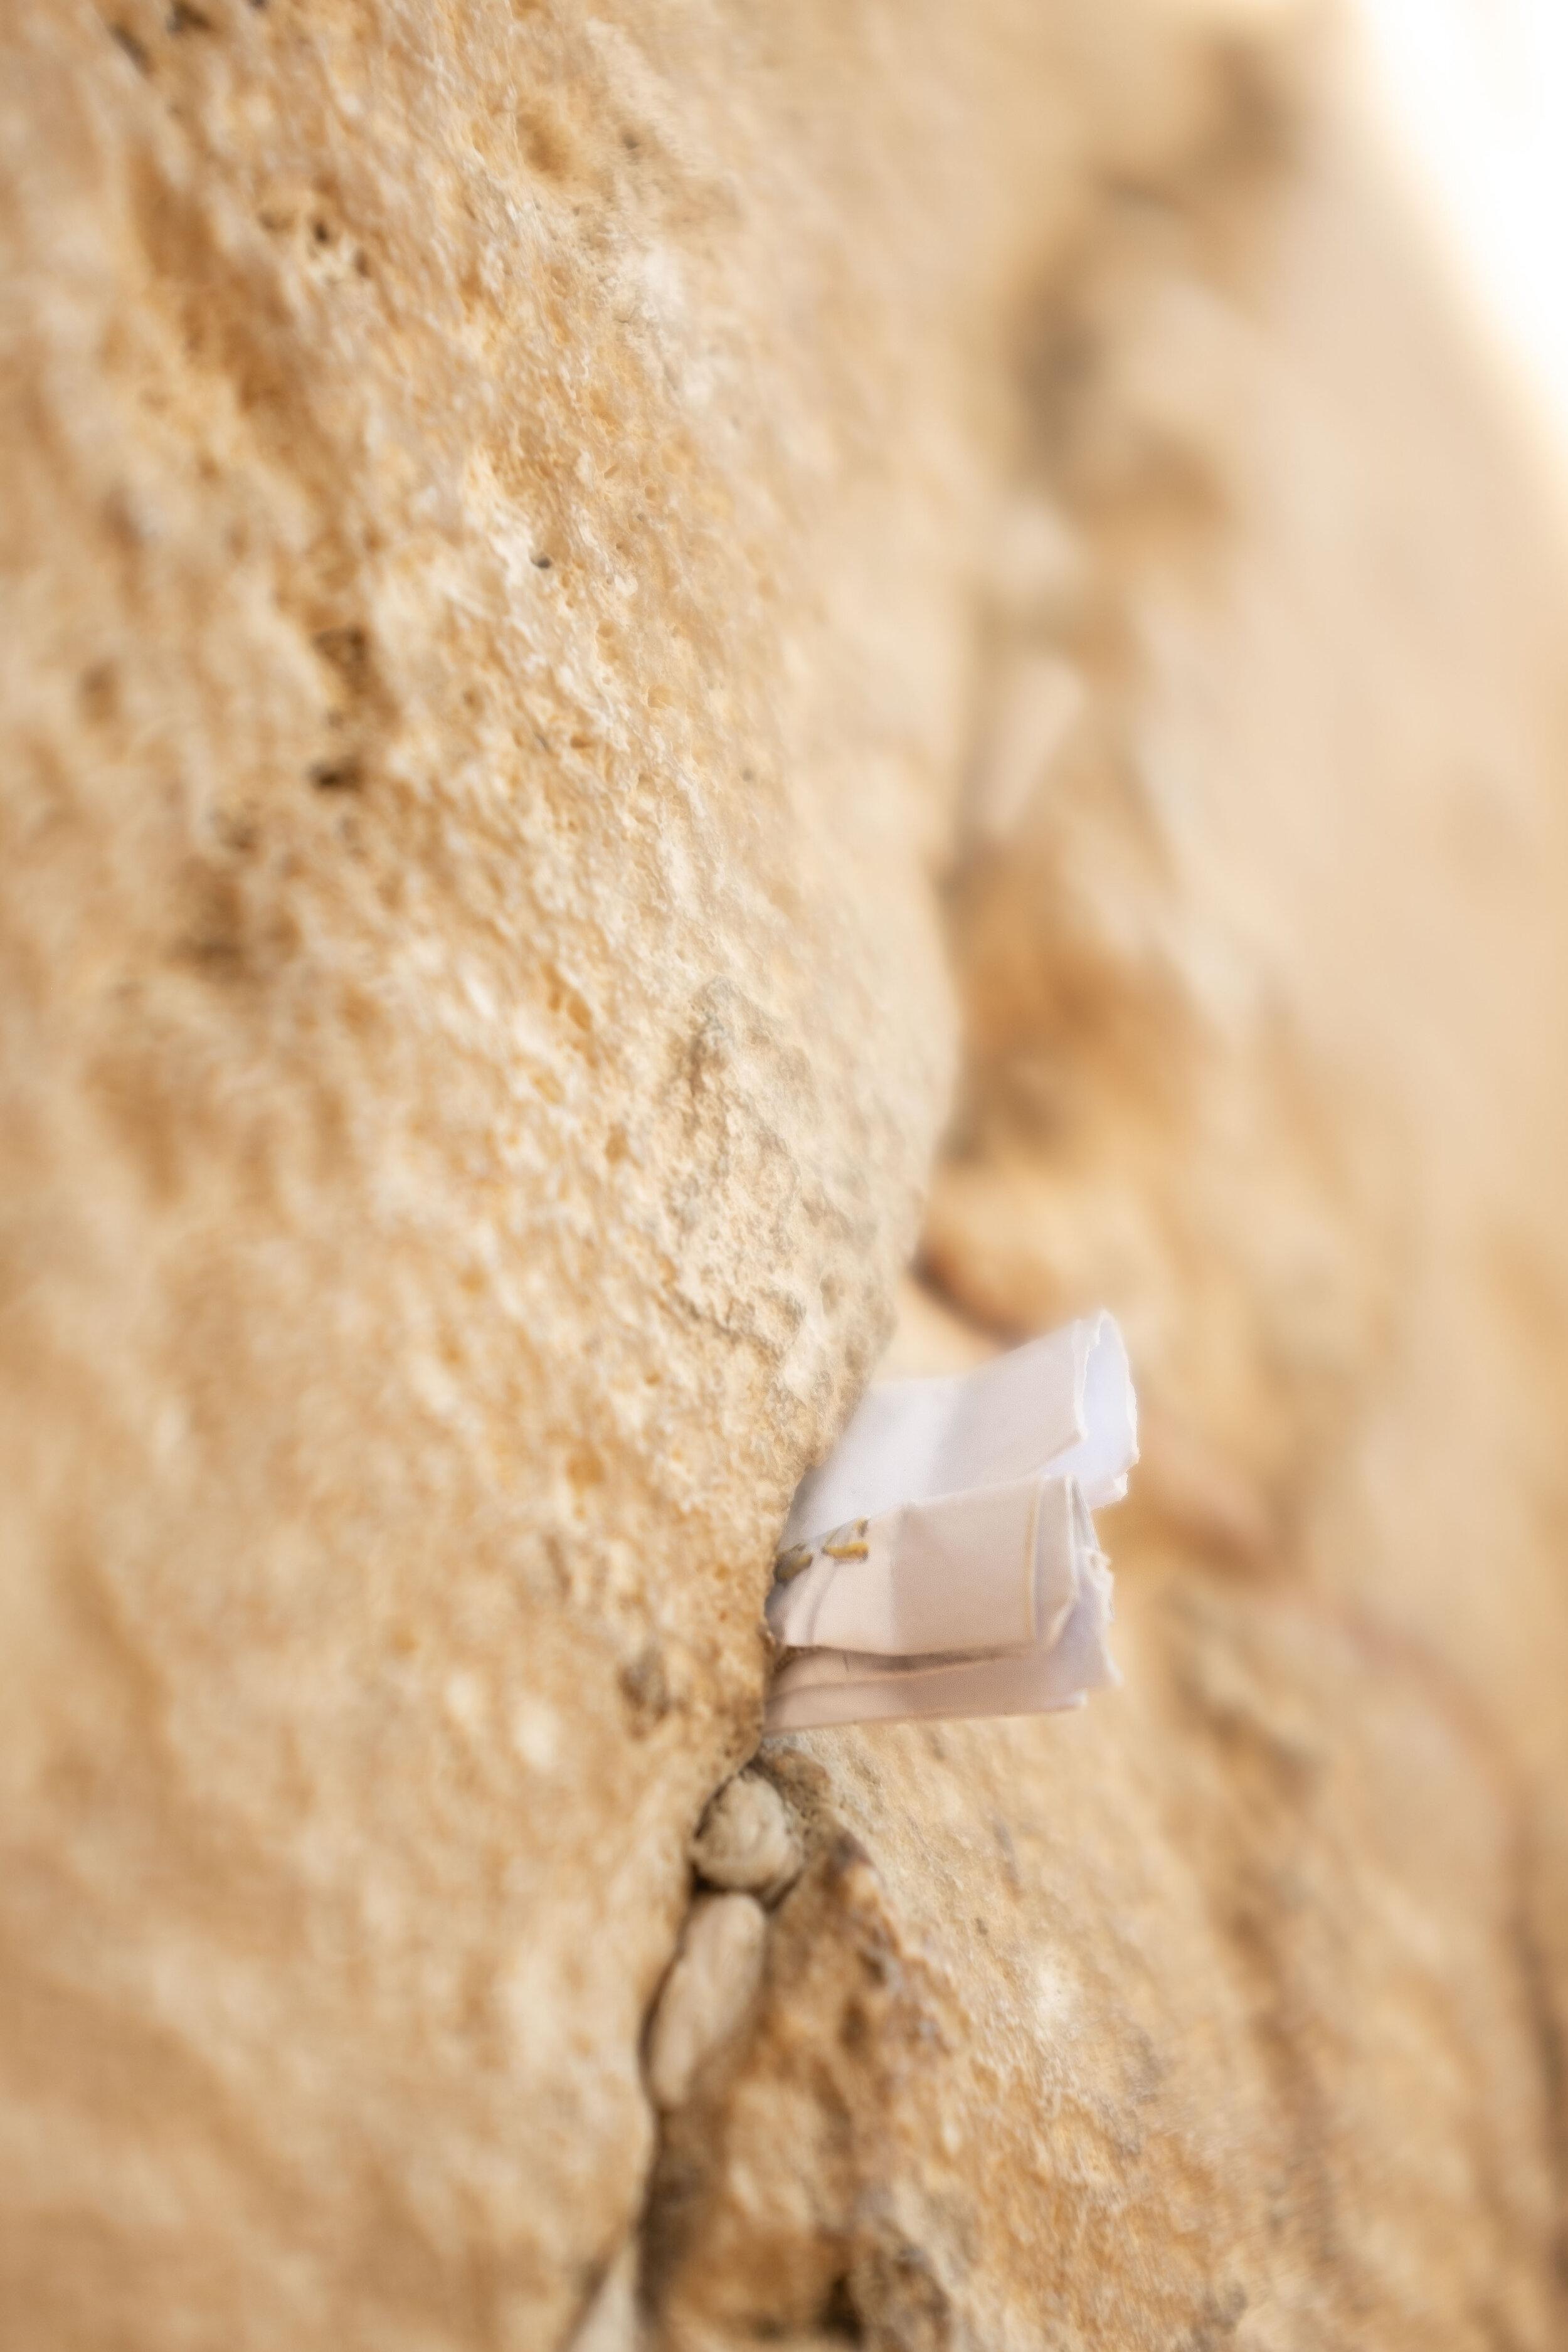 Prayer in the Western Wall, Jerusalem